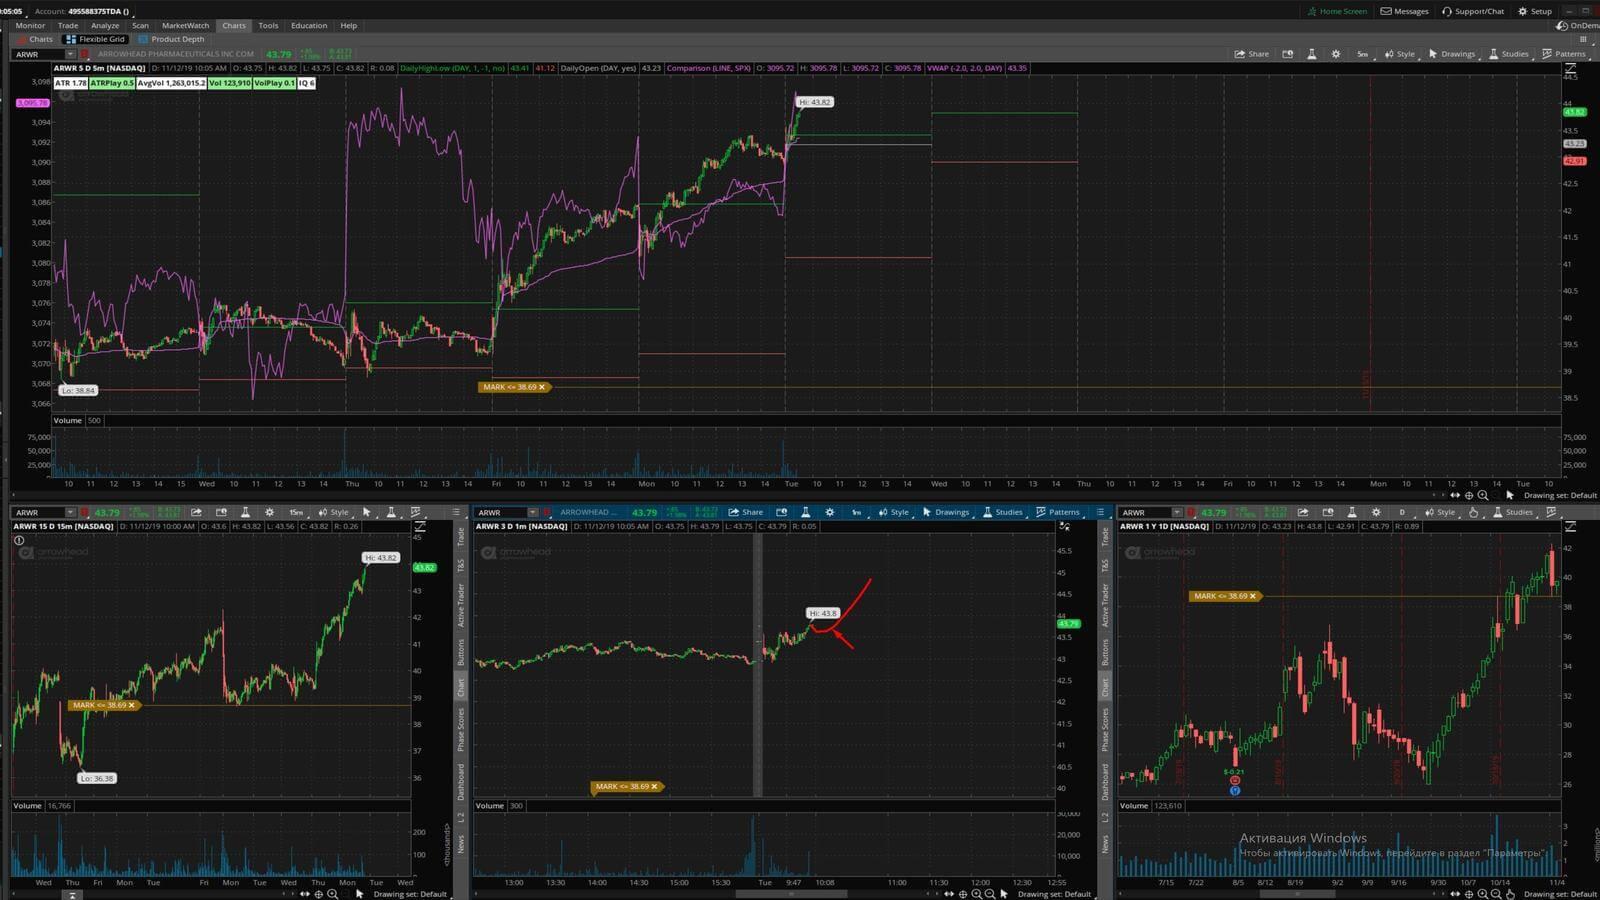 ARWR - график акции на фондовой бирже